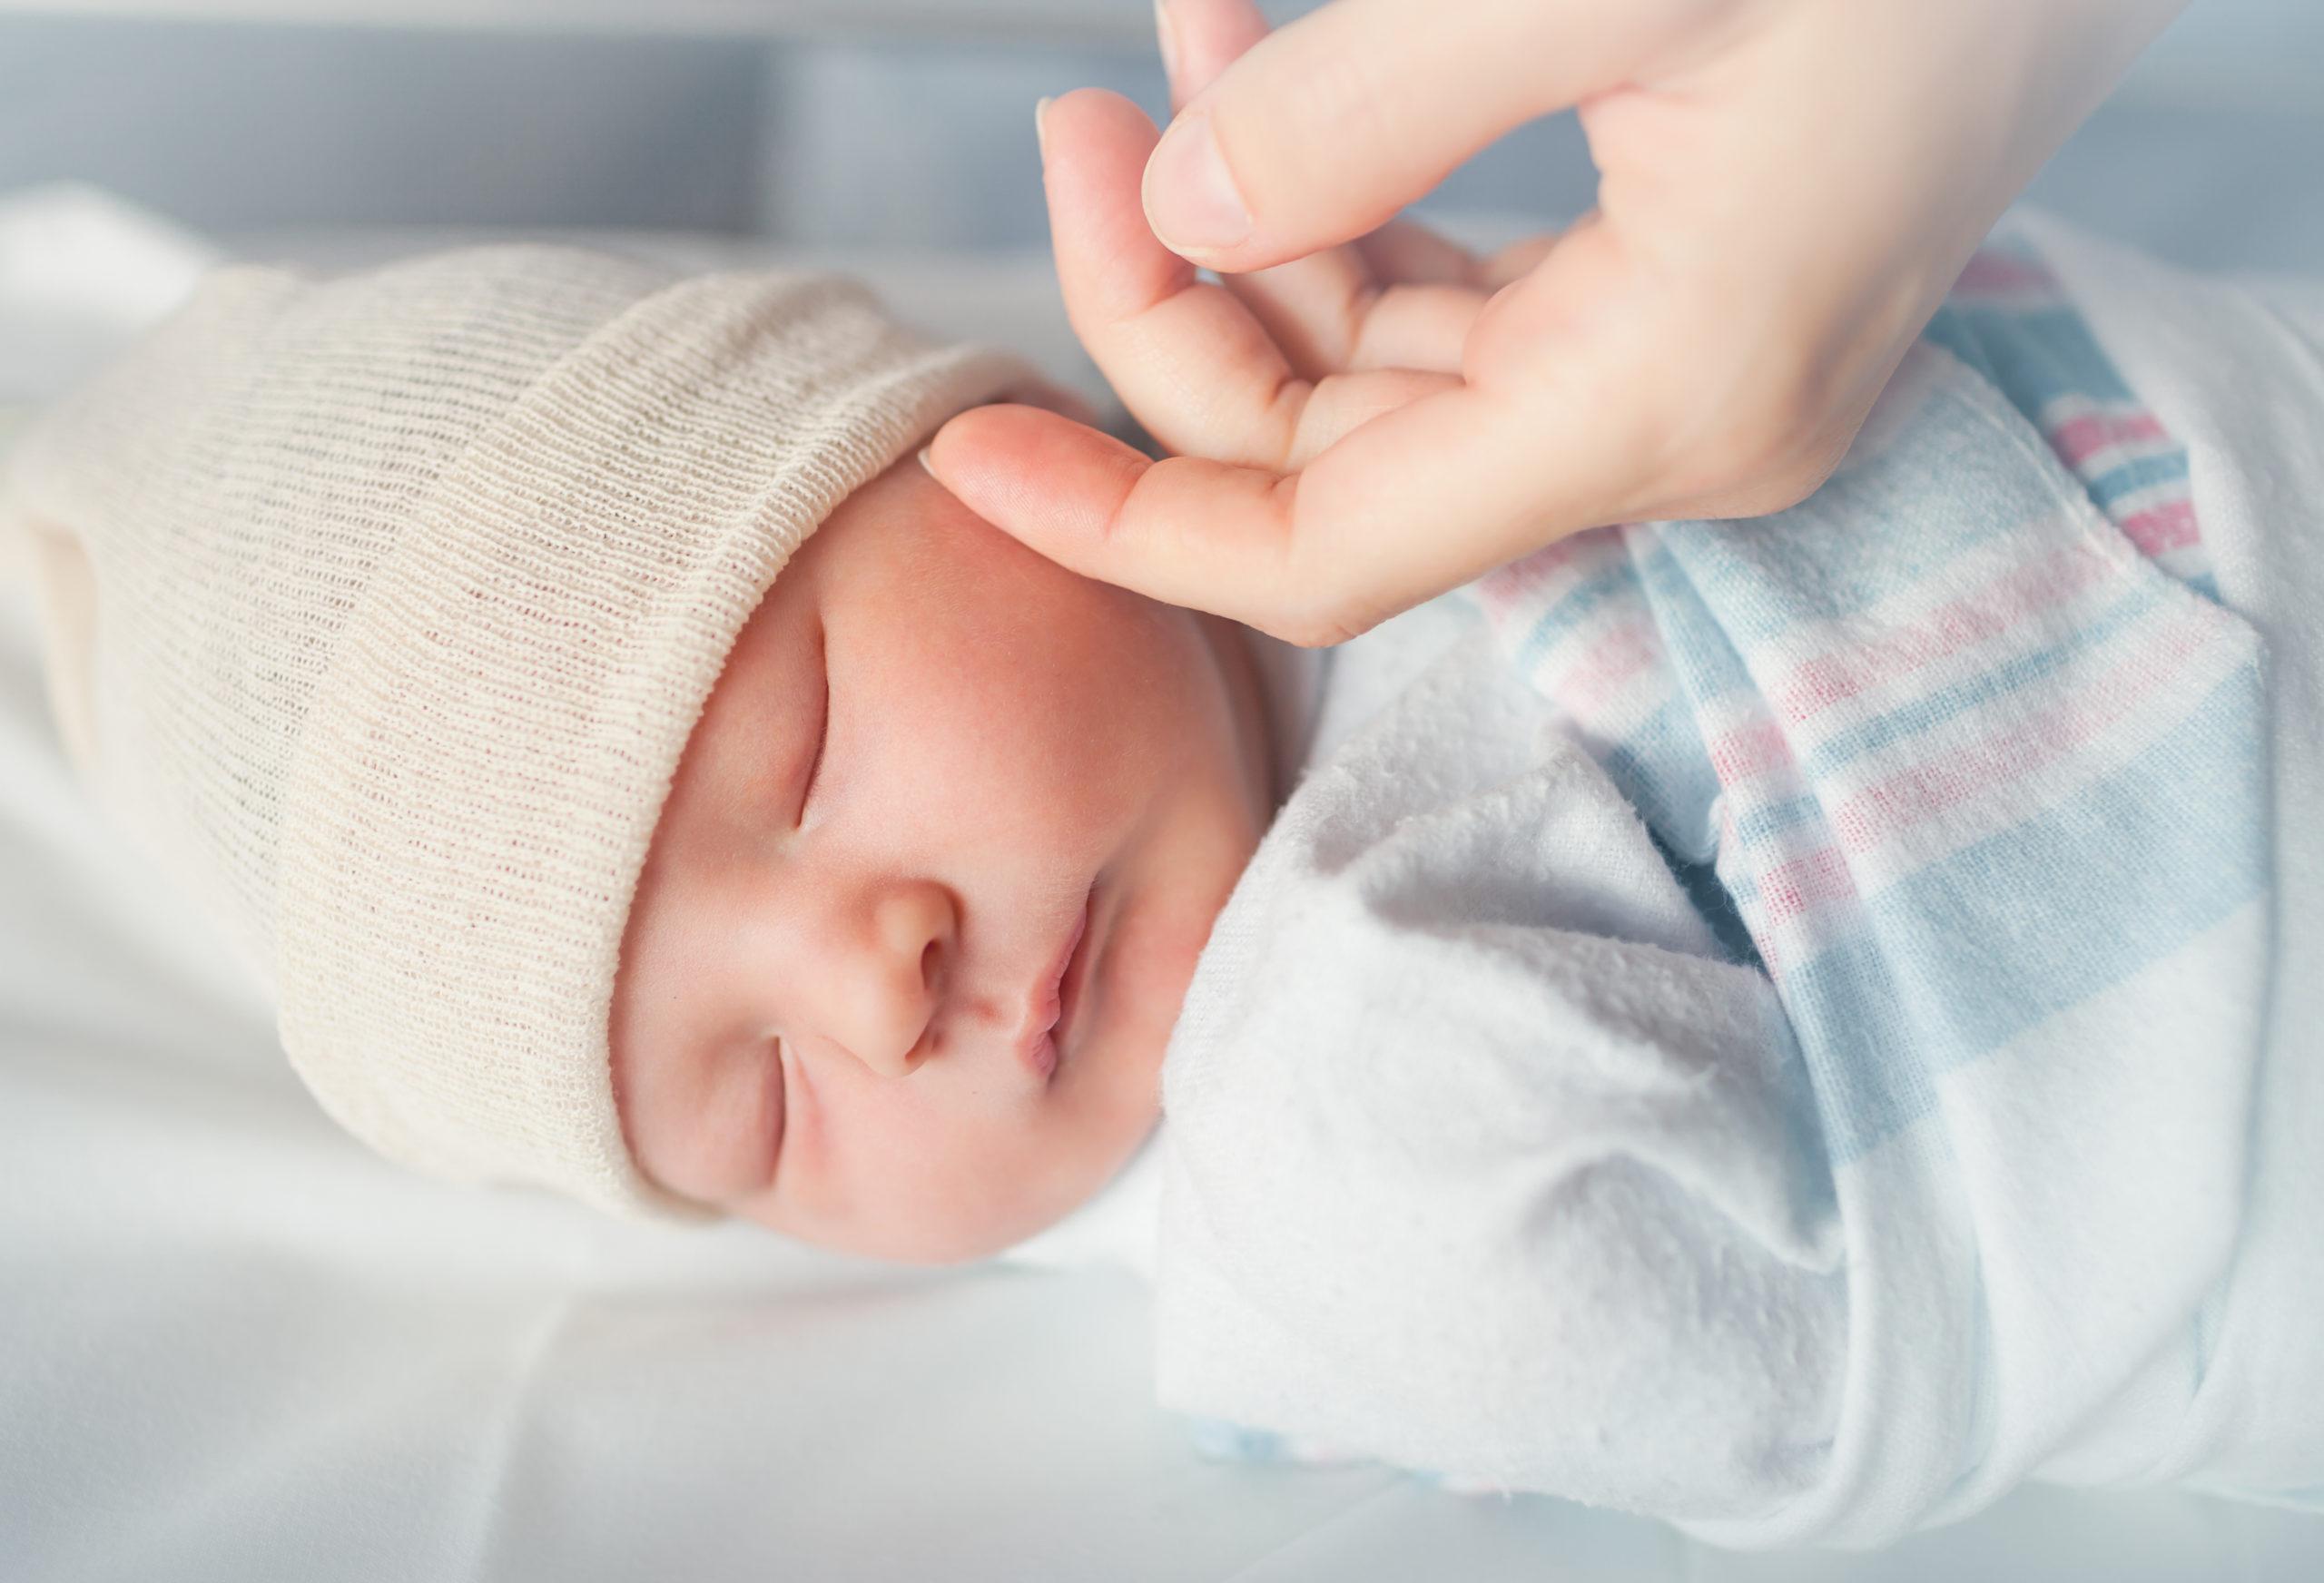 Mon bébé pleure beaucoup et dort peu. Mon bébé pleure beaucoup et dort peu.